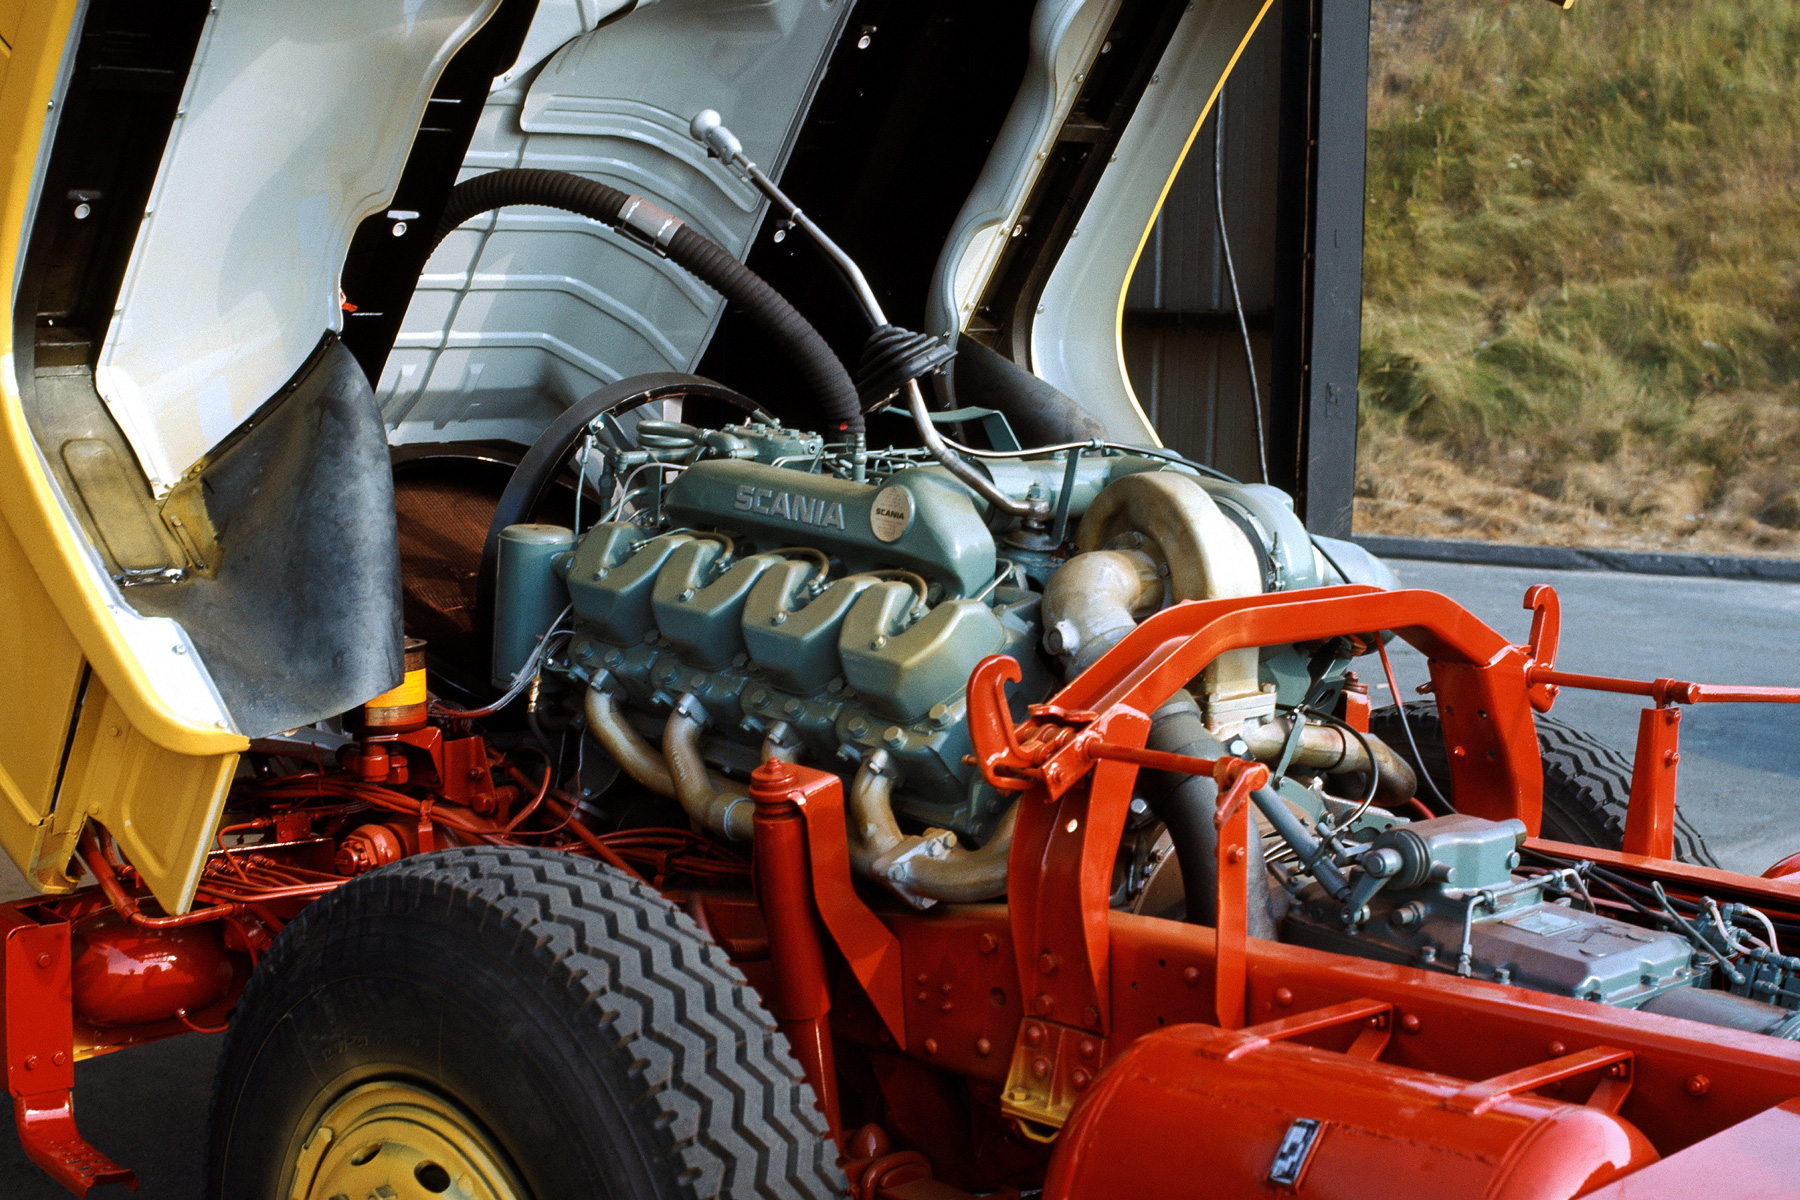 スカニア14ℓV8ディーゼルエンジン「DS14型」